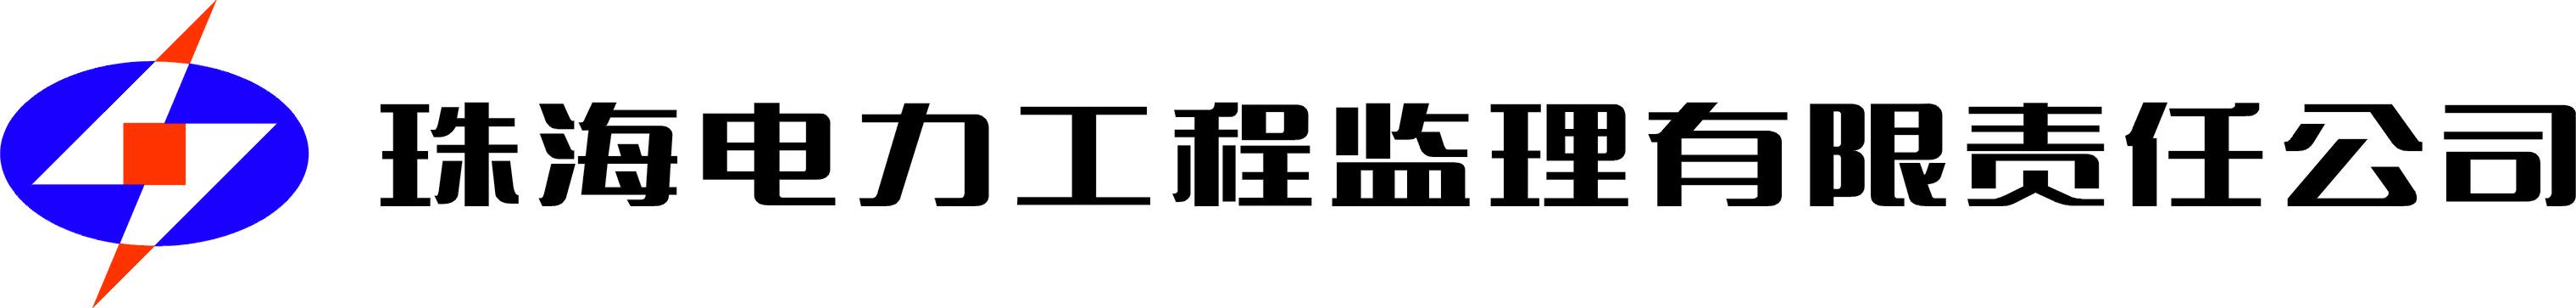 珠海電力工程監理有限責任公司